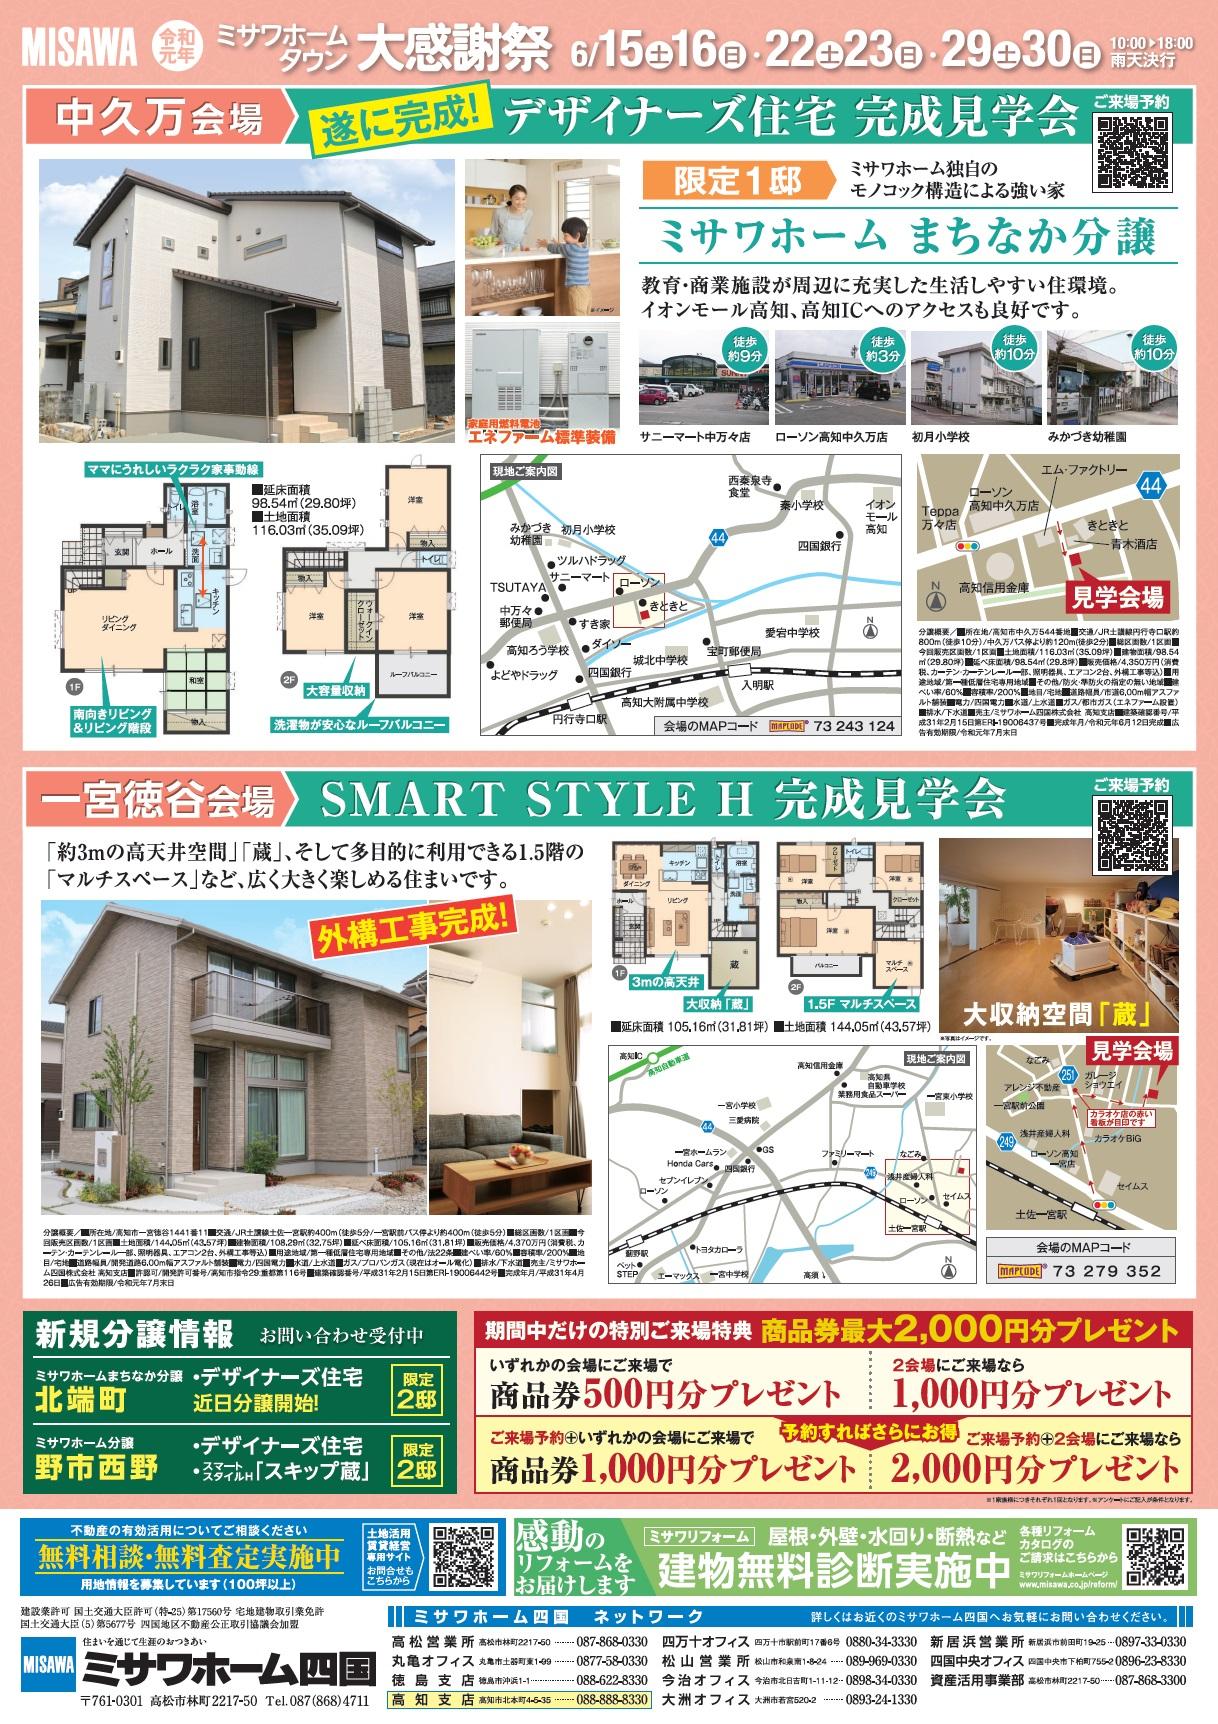 http://shikoku.misawa.co.jp/area_kouchi/%E5%A4%A7%E6%84%9F%E8%AC%9D%E7%A5%AD.jpg